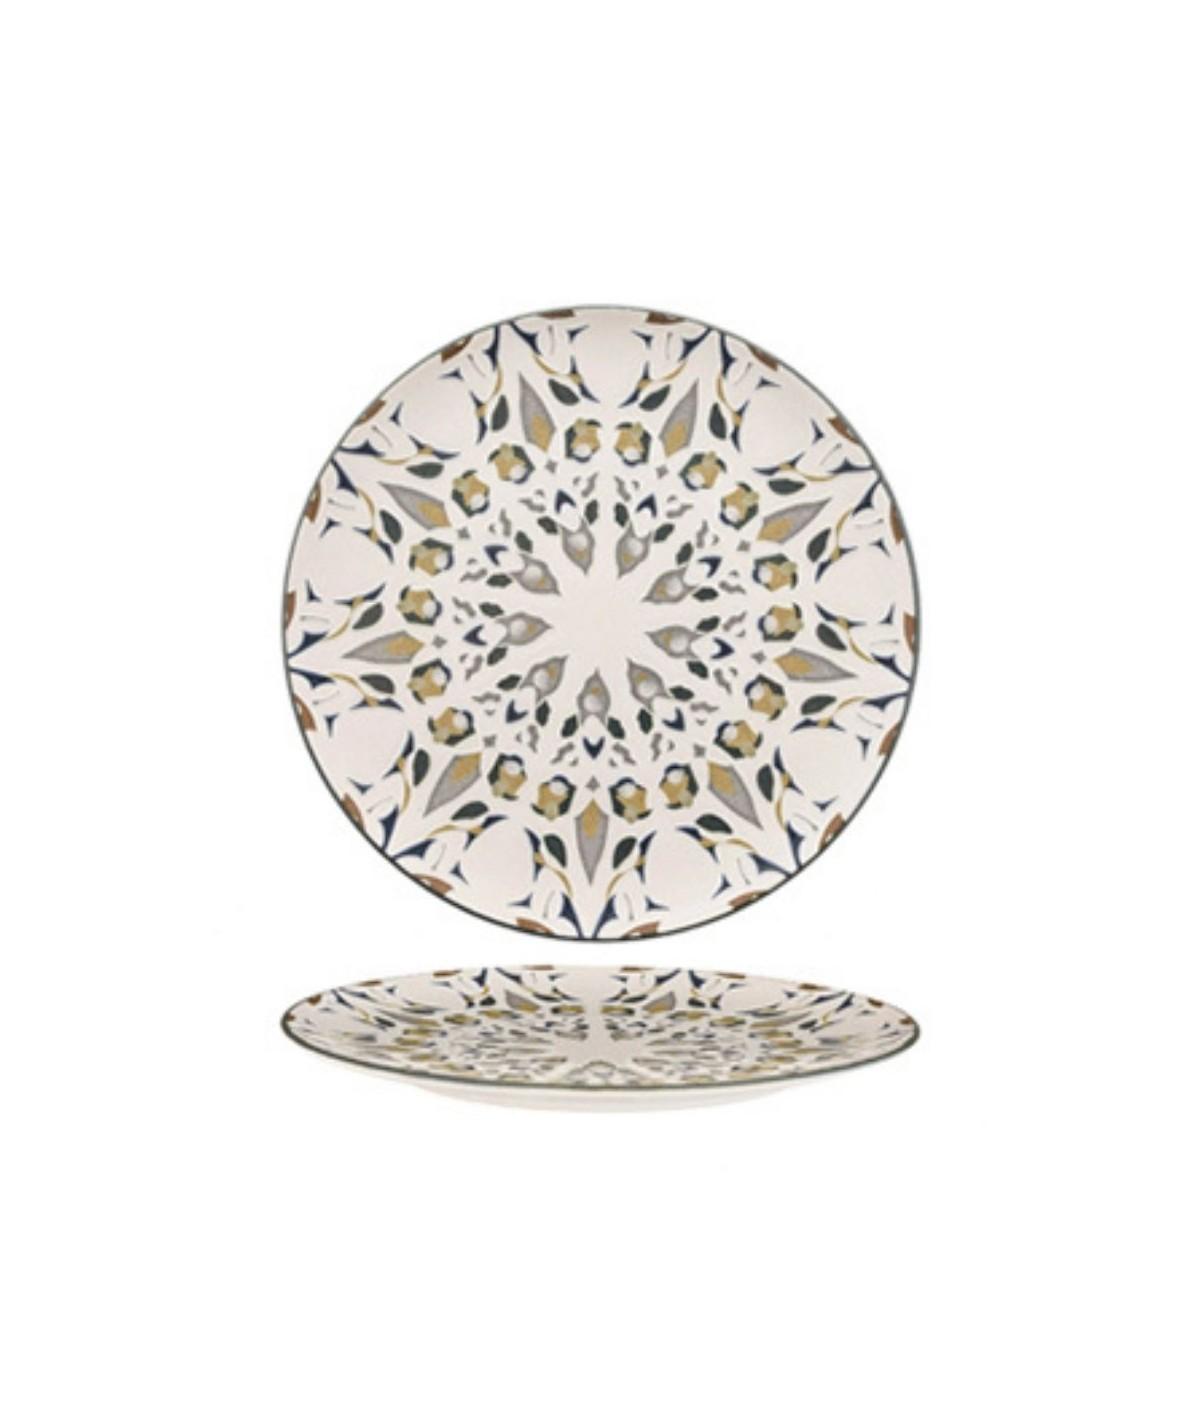 Piatto piano in porcellana Amalfi set 6 pezzi- Morini